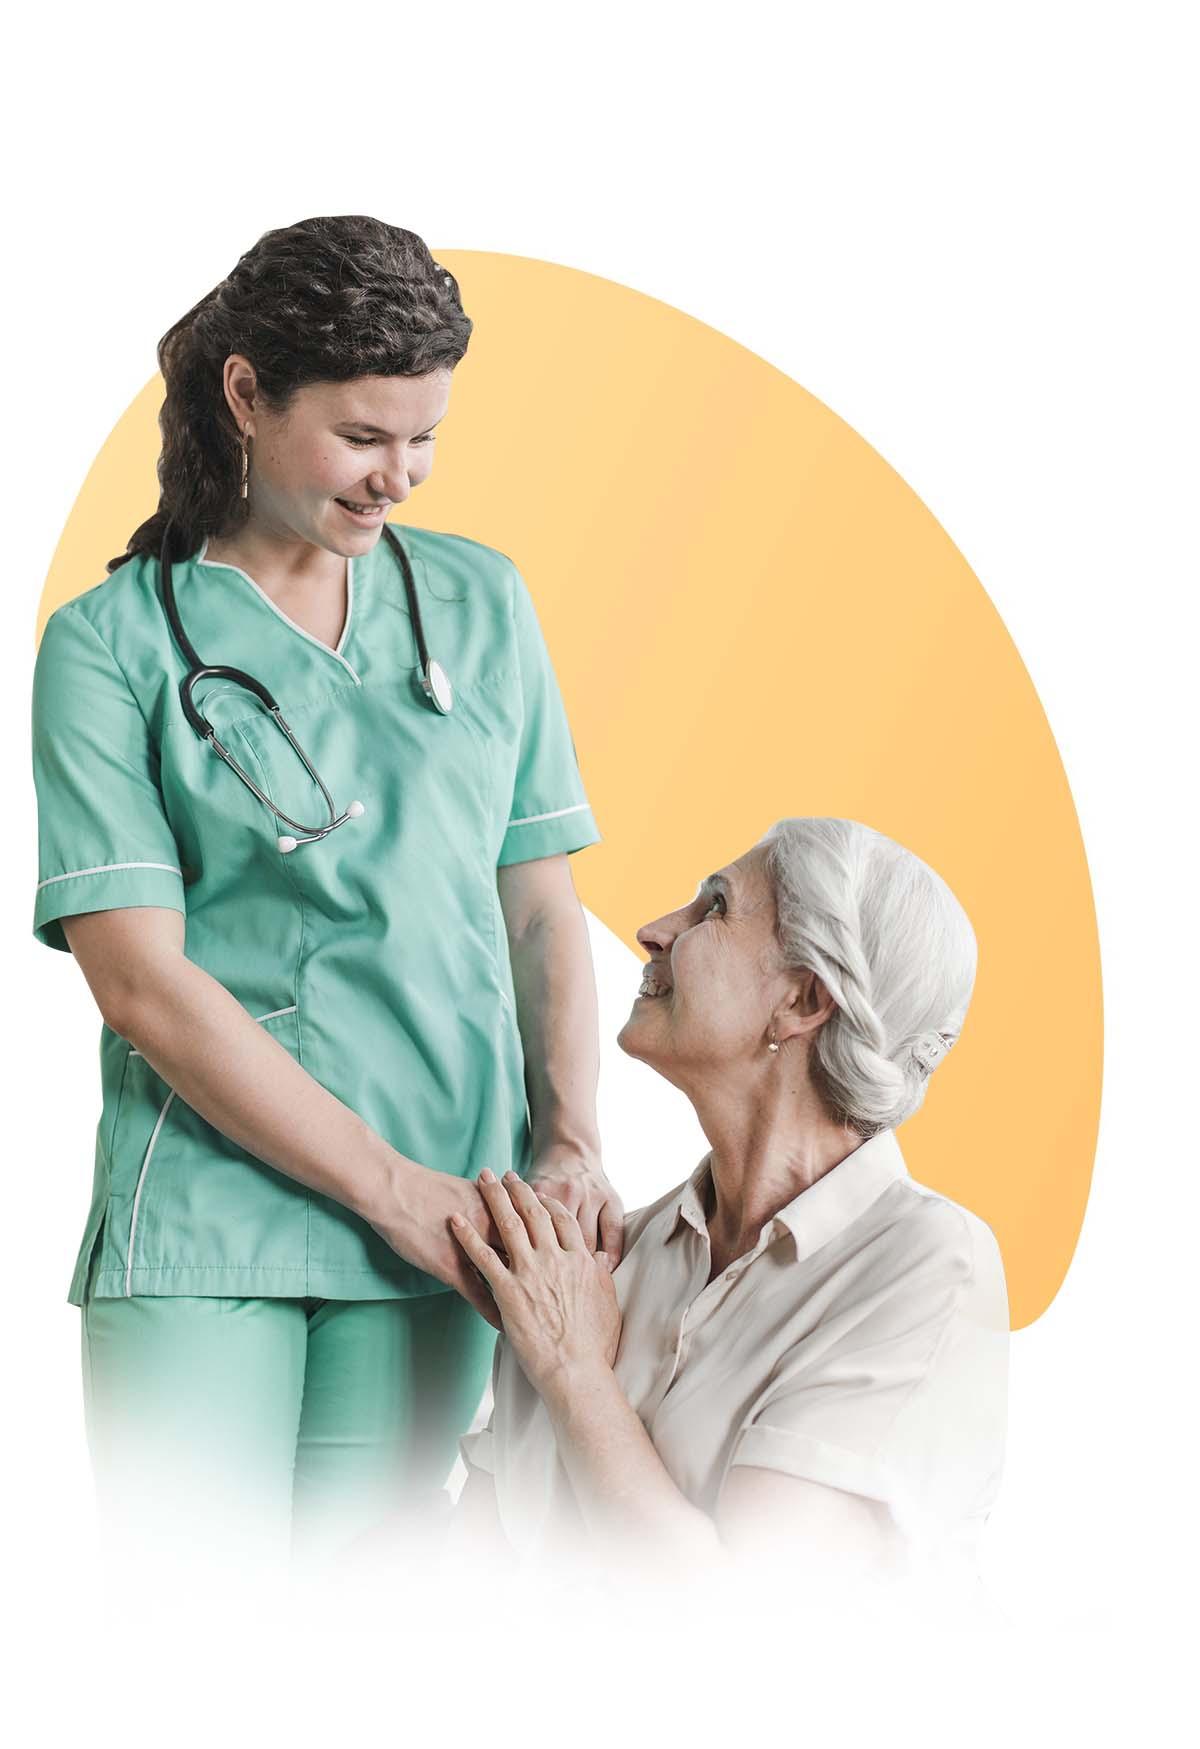 Nursing & Healthcare Assistants Jobs & benefits